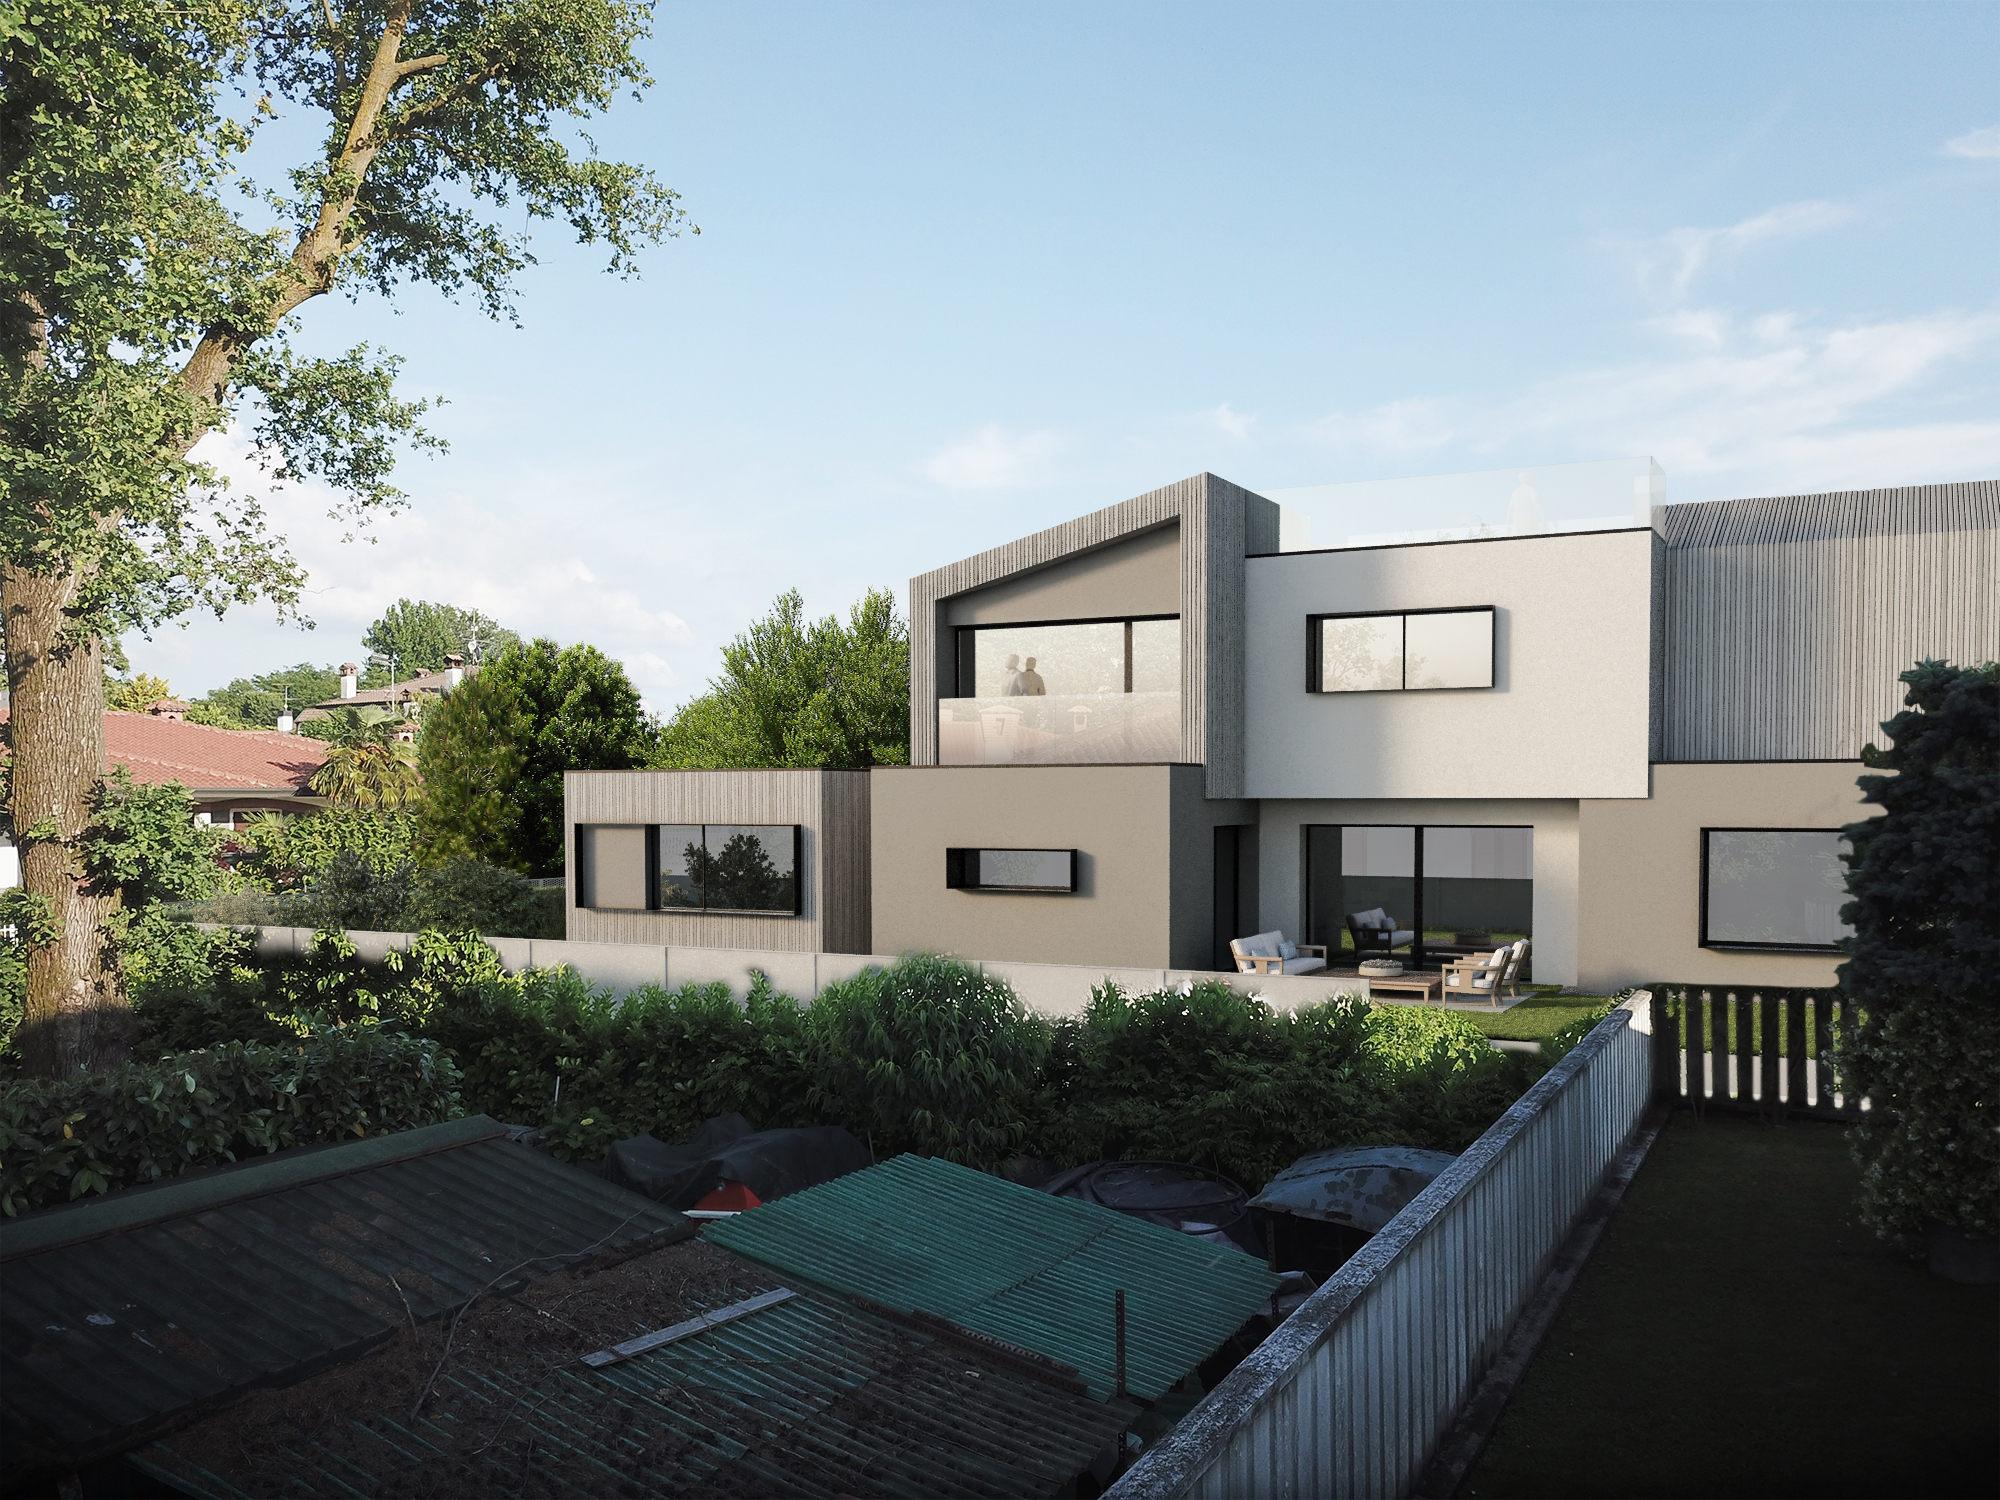 0718_RobertoManzetti-Architetto-MathiHouse-4